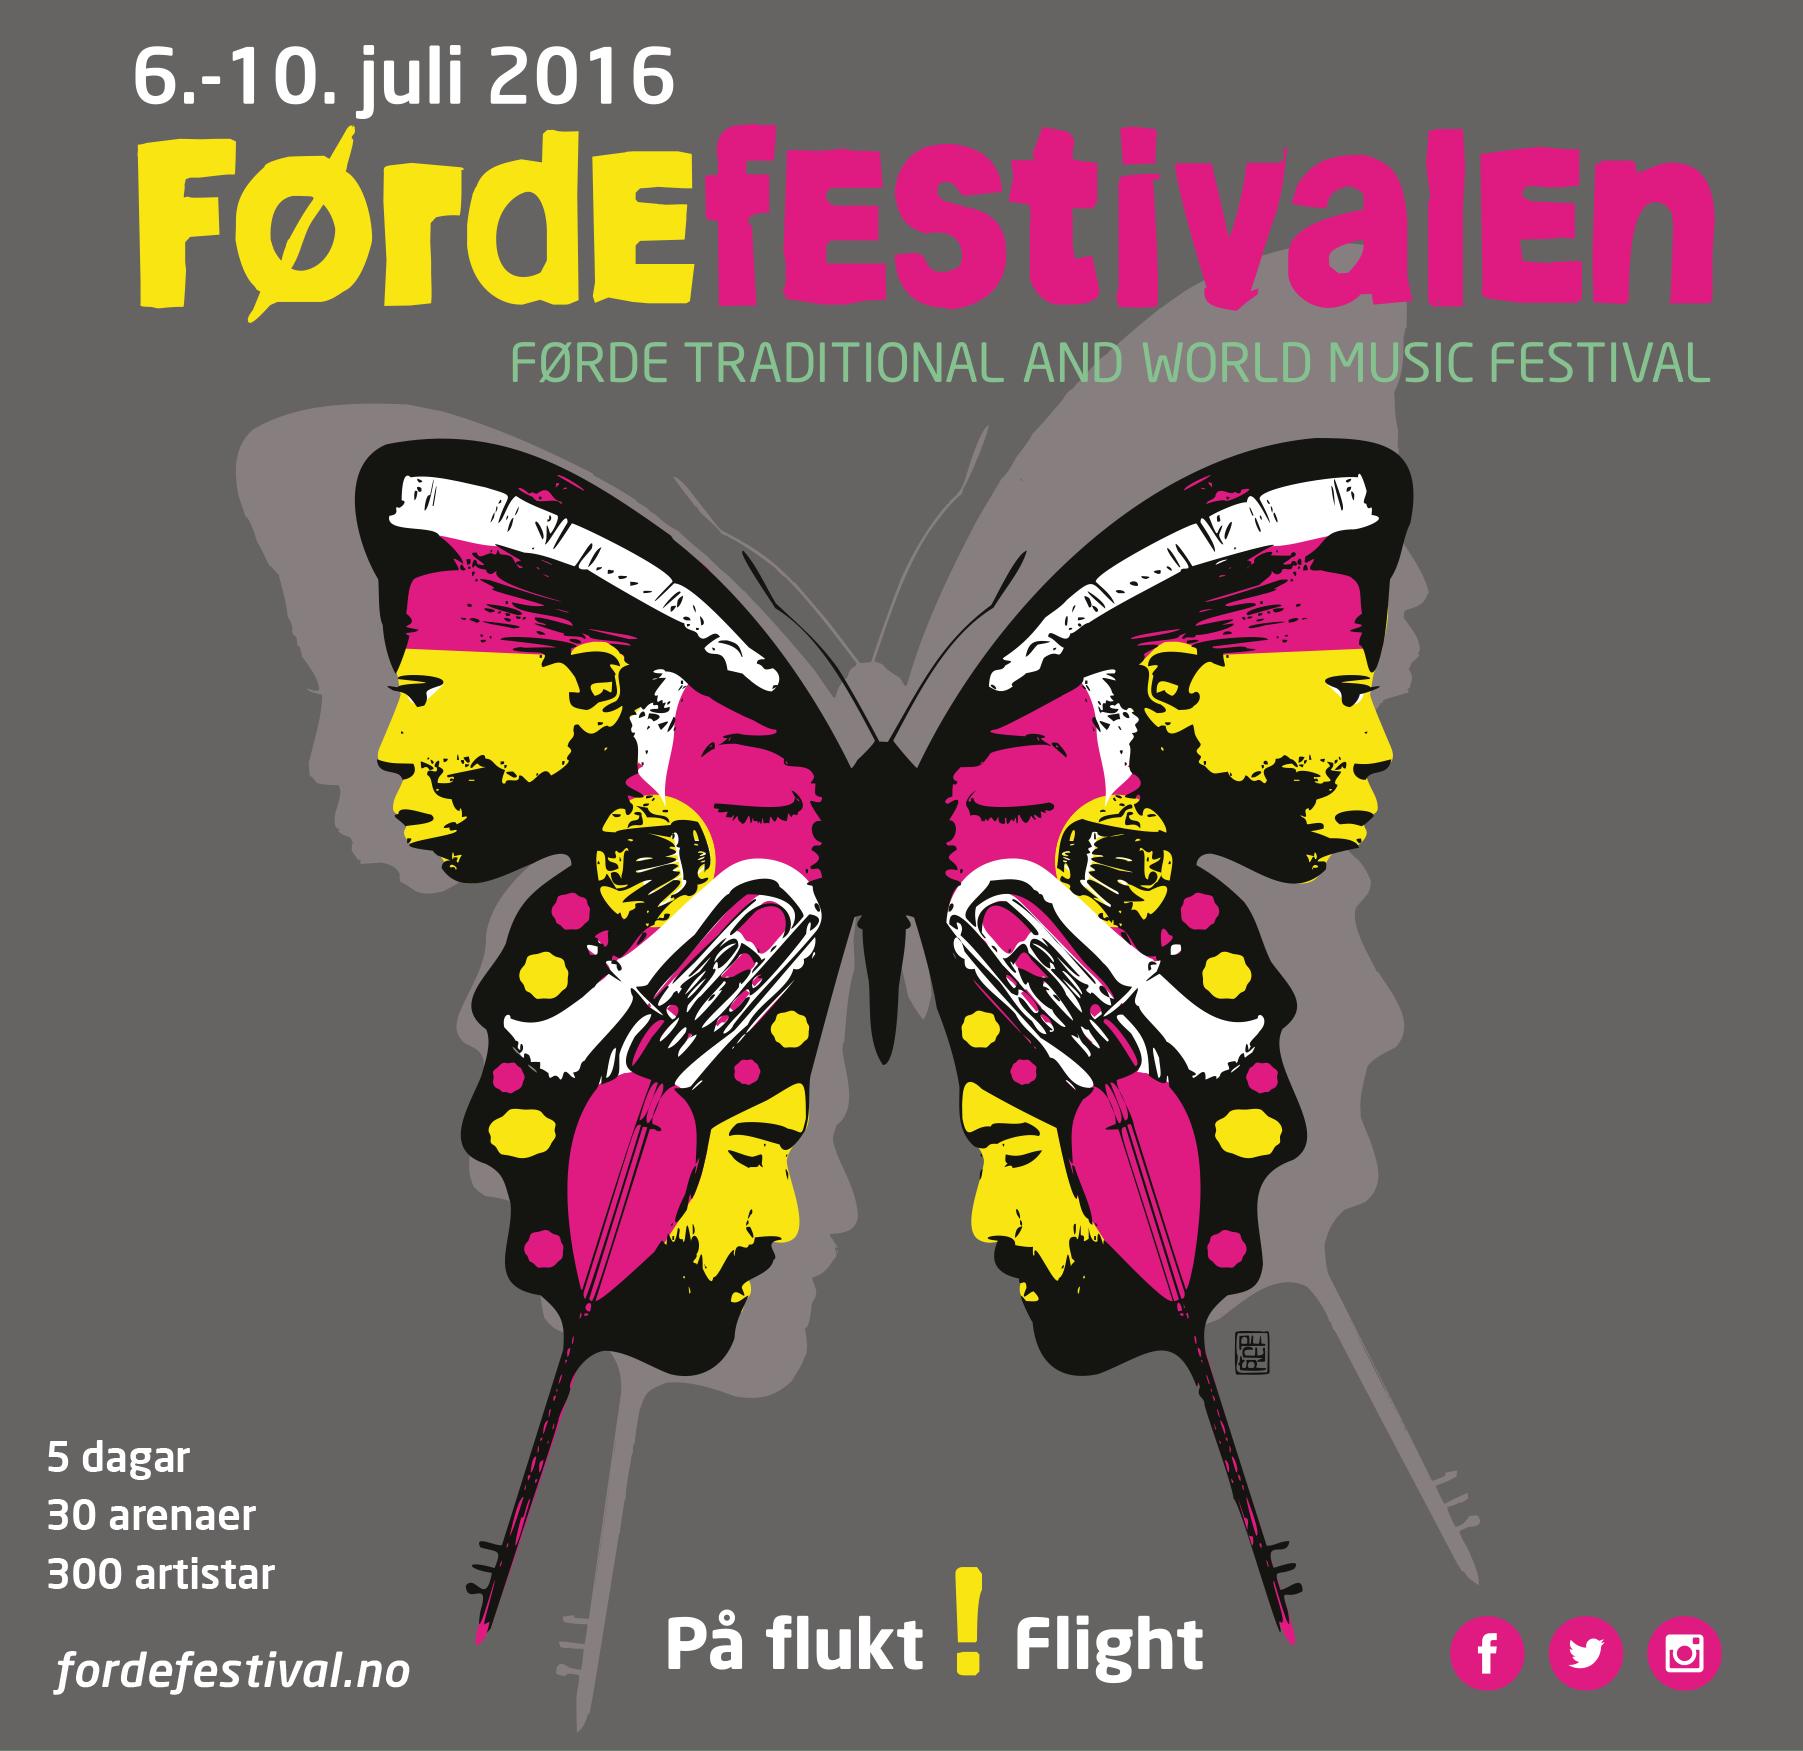 Festivalbrosjyre på norsk